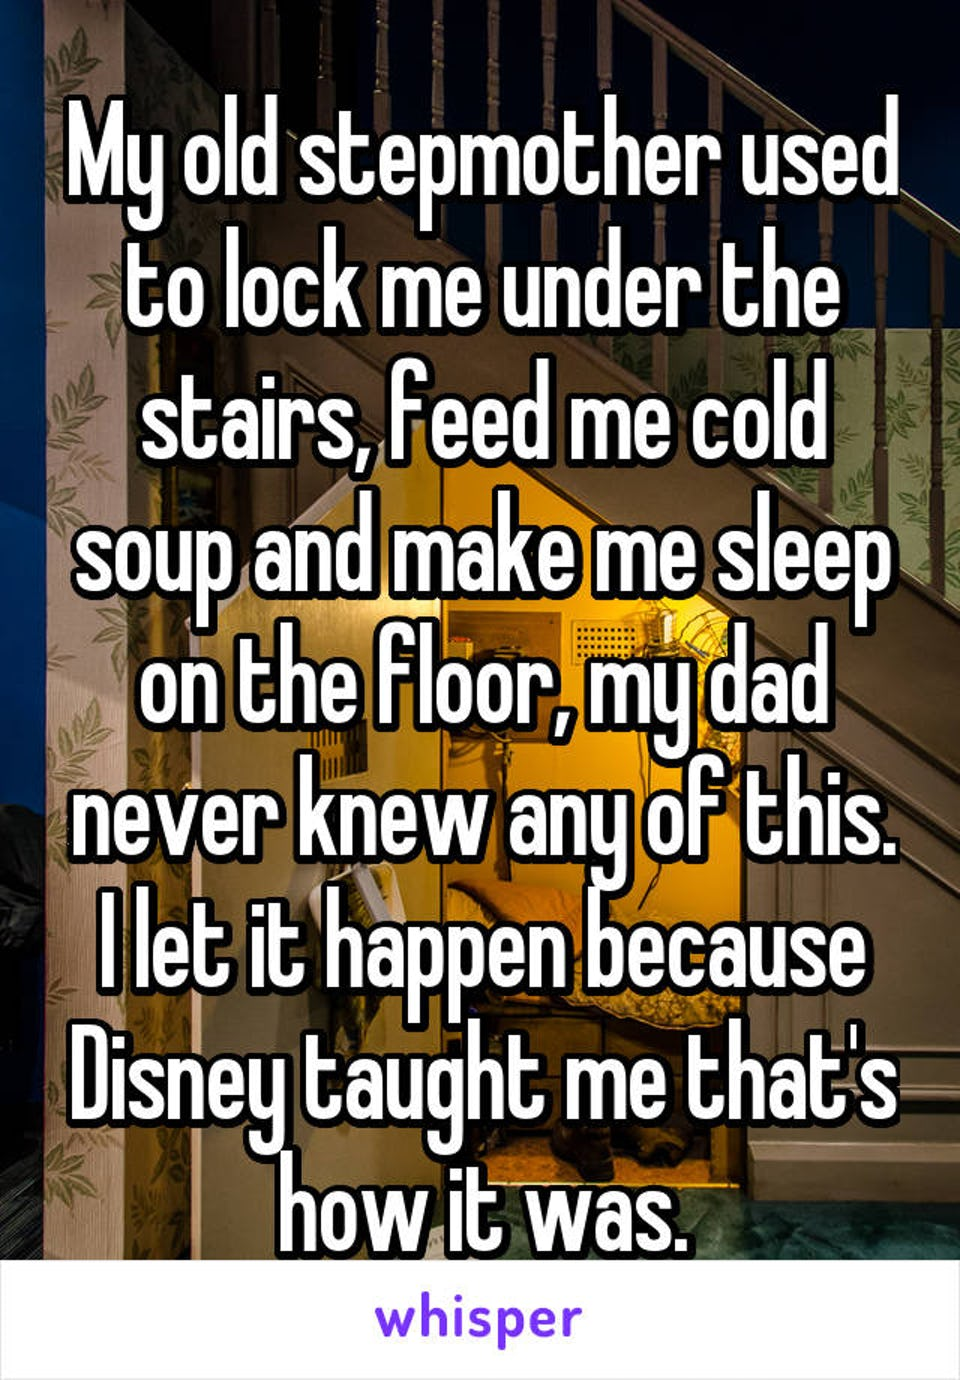 Disney is apparentlyruining children'slives